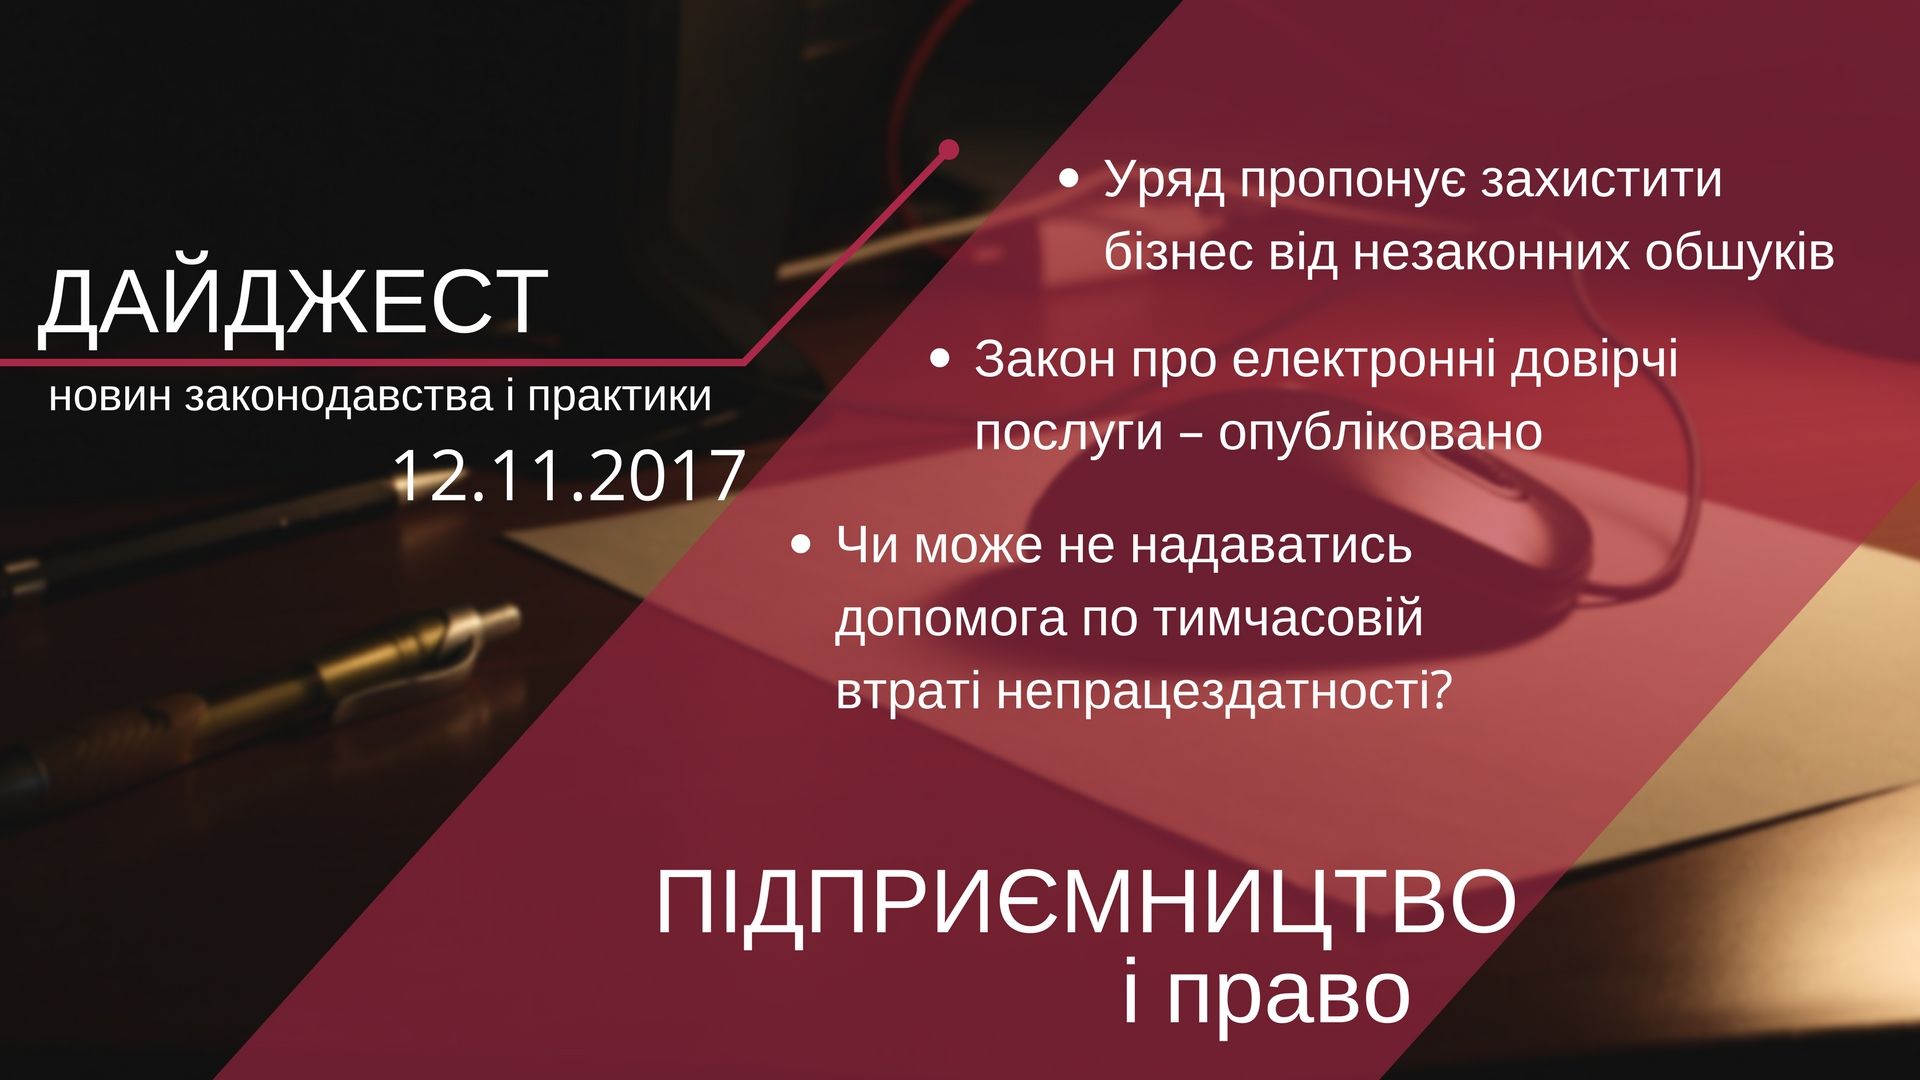 Дайджест нoвин «Підприємництво і право» з 06.11.2017 пo 12.11.2017